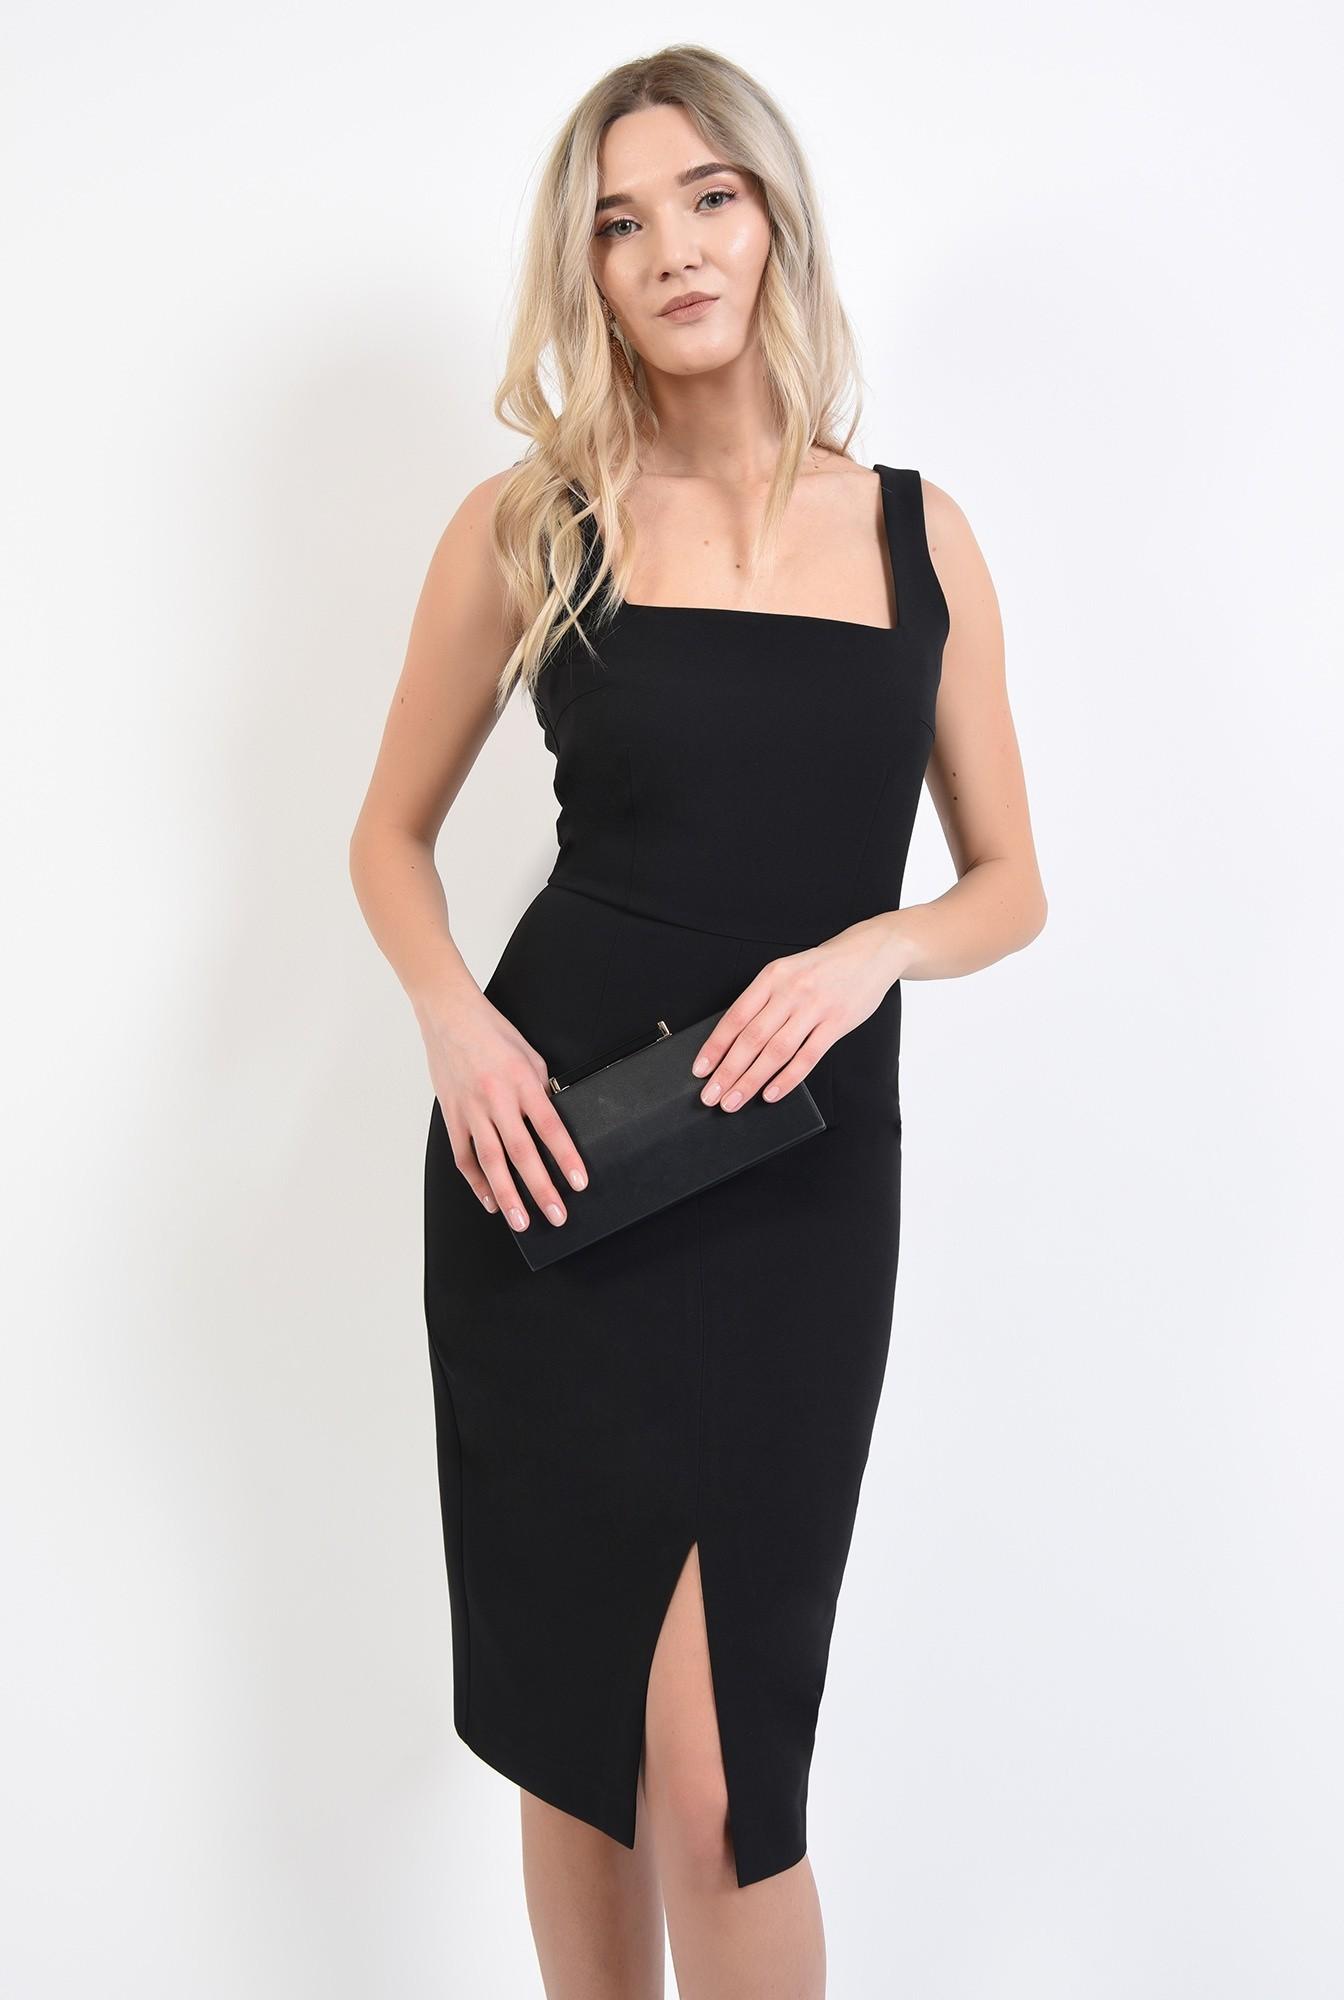 0 - 360 - rochie neagra, de seara, cu crapeu, cusatura in talie